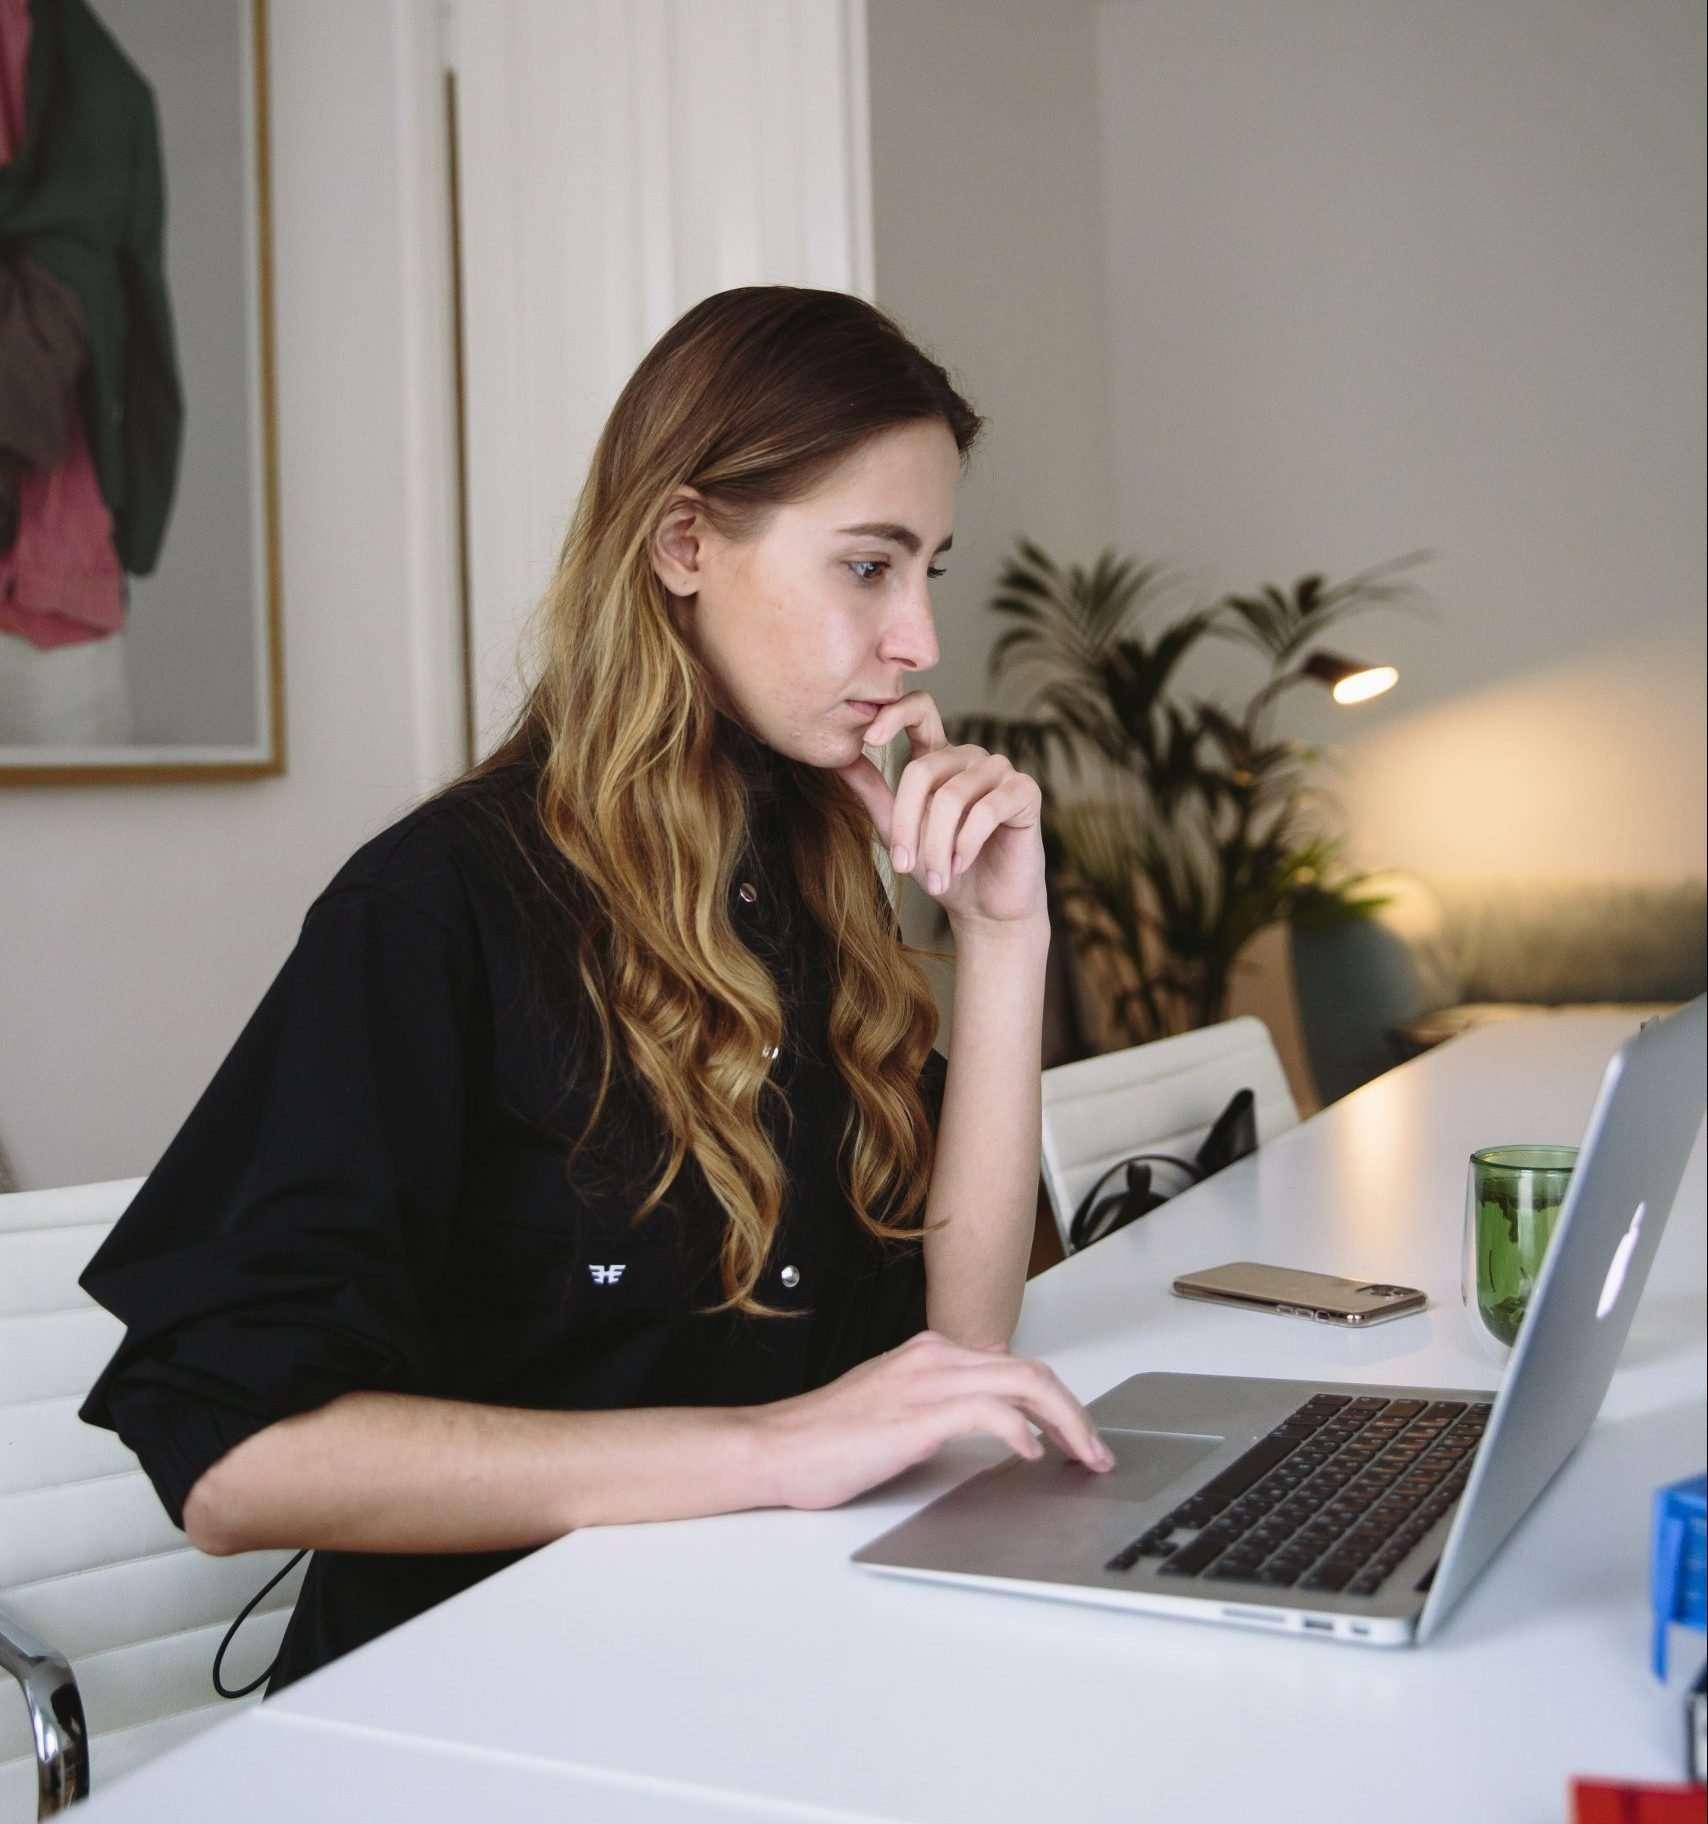 agente inmobiliario digital, agente de la propiedad inmobiliaria que supera la crisis del coronavirus, agente de bienes raíces que supera el covid-19, visitas virtuales a inmuebles, blog inmobiliarios actualizados